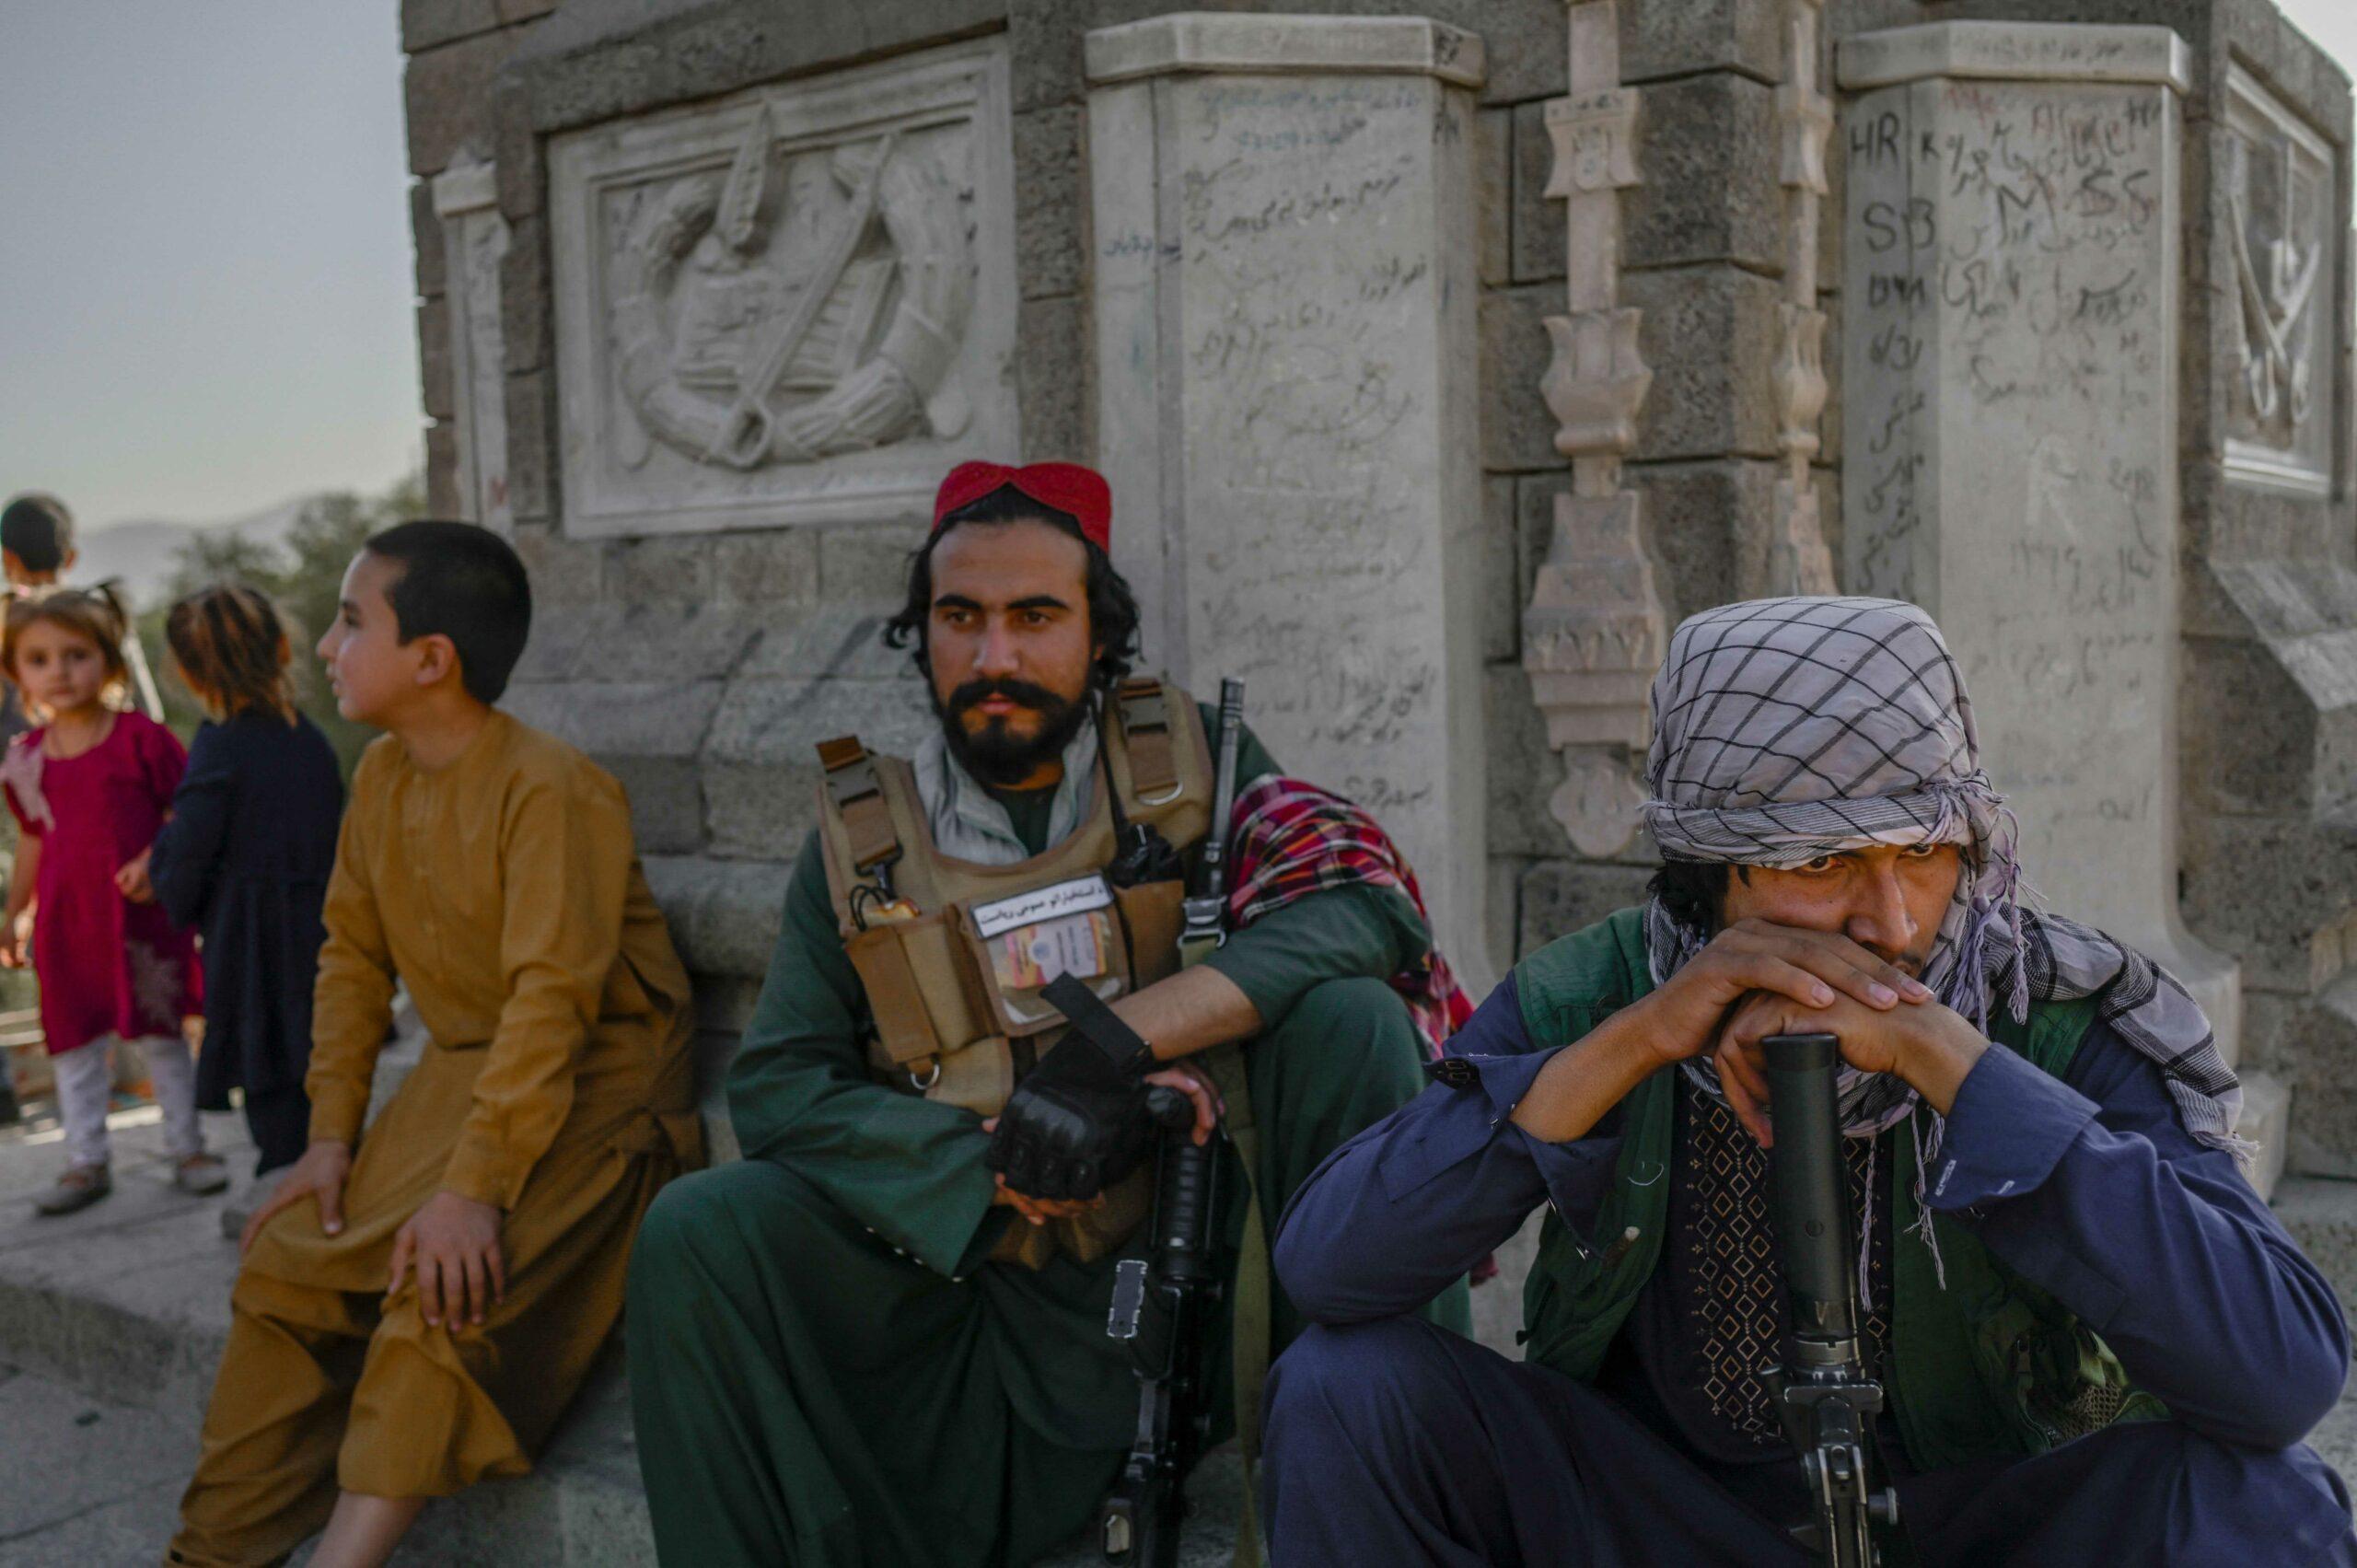 gettyimages 1235314100 scaled - <b>Два евакуаційних українських рейси з Кабула зірвалися.</b> Таліби дізналися, що евакуювати намагалися людей з підробленими документами - Заборона